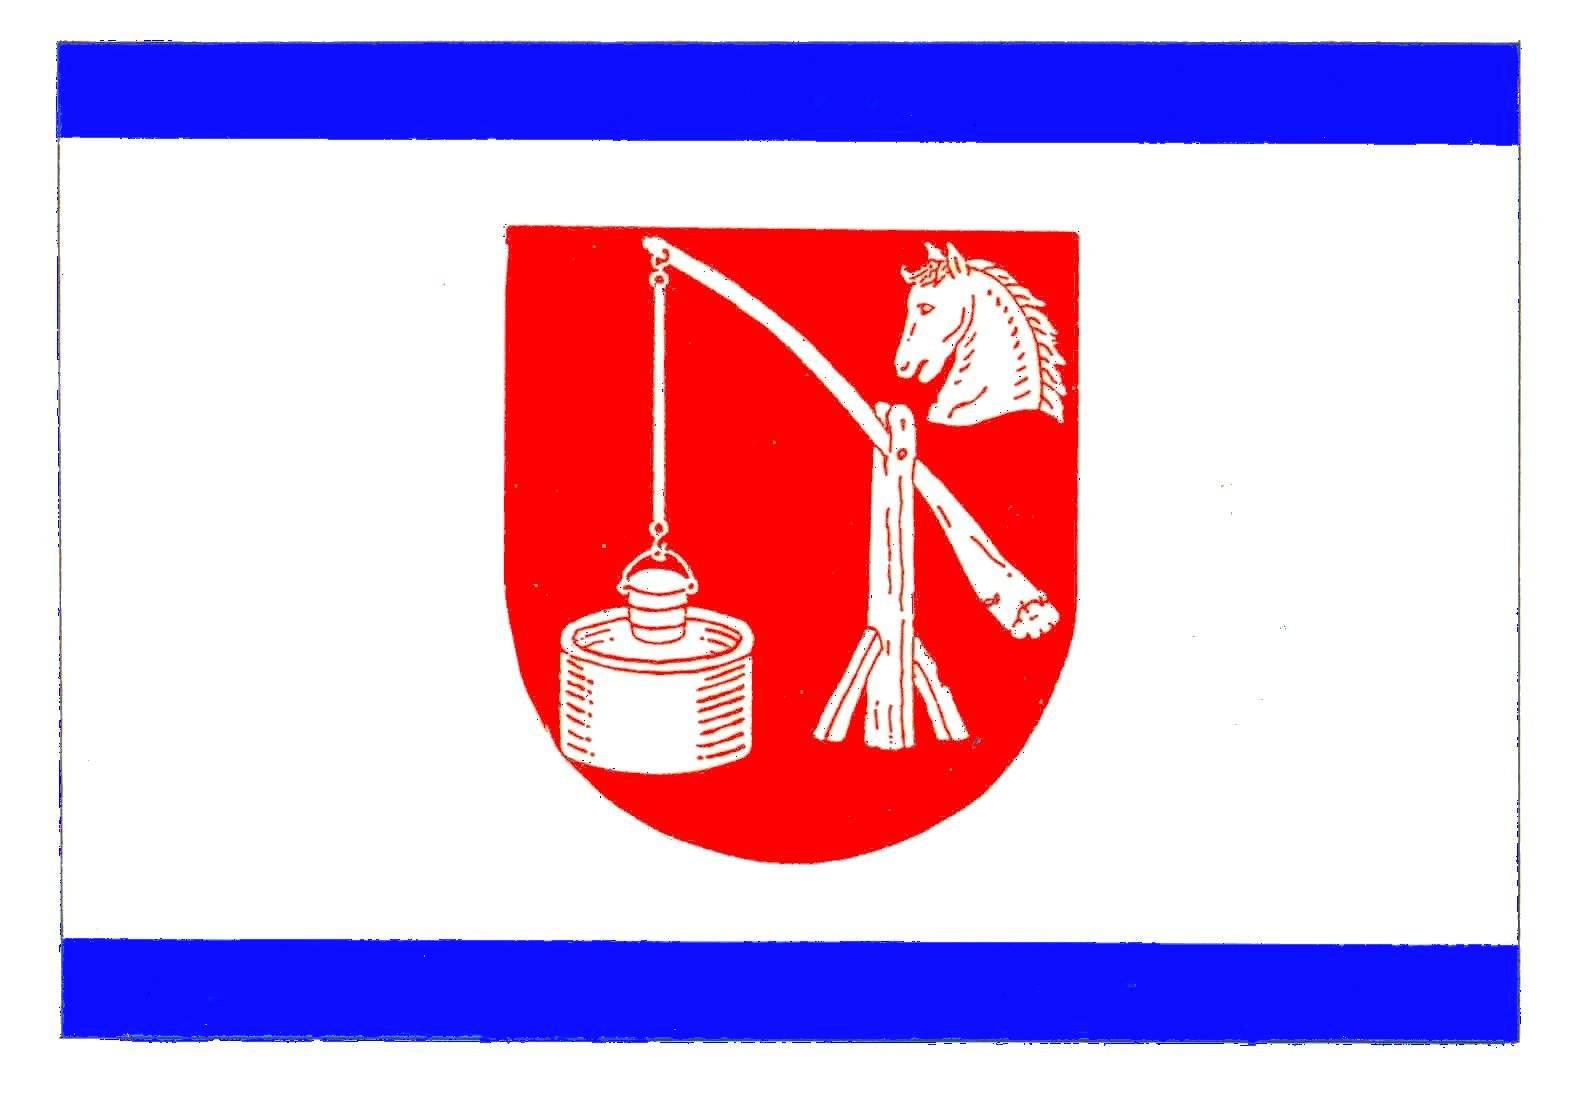 Flagge GemeindeBörnsen, Kreis Herzogtum Lauenburg